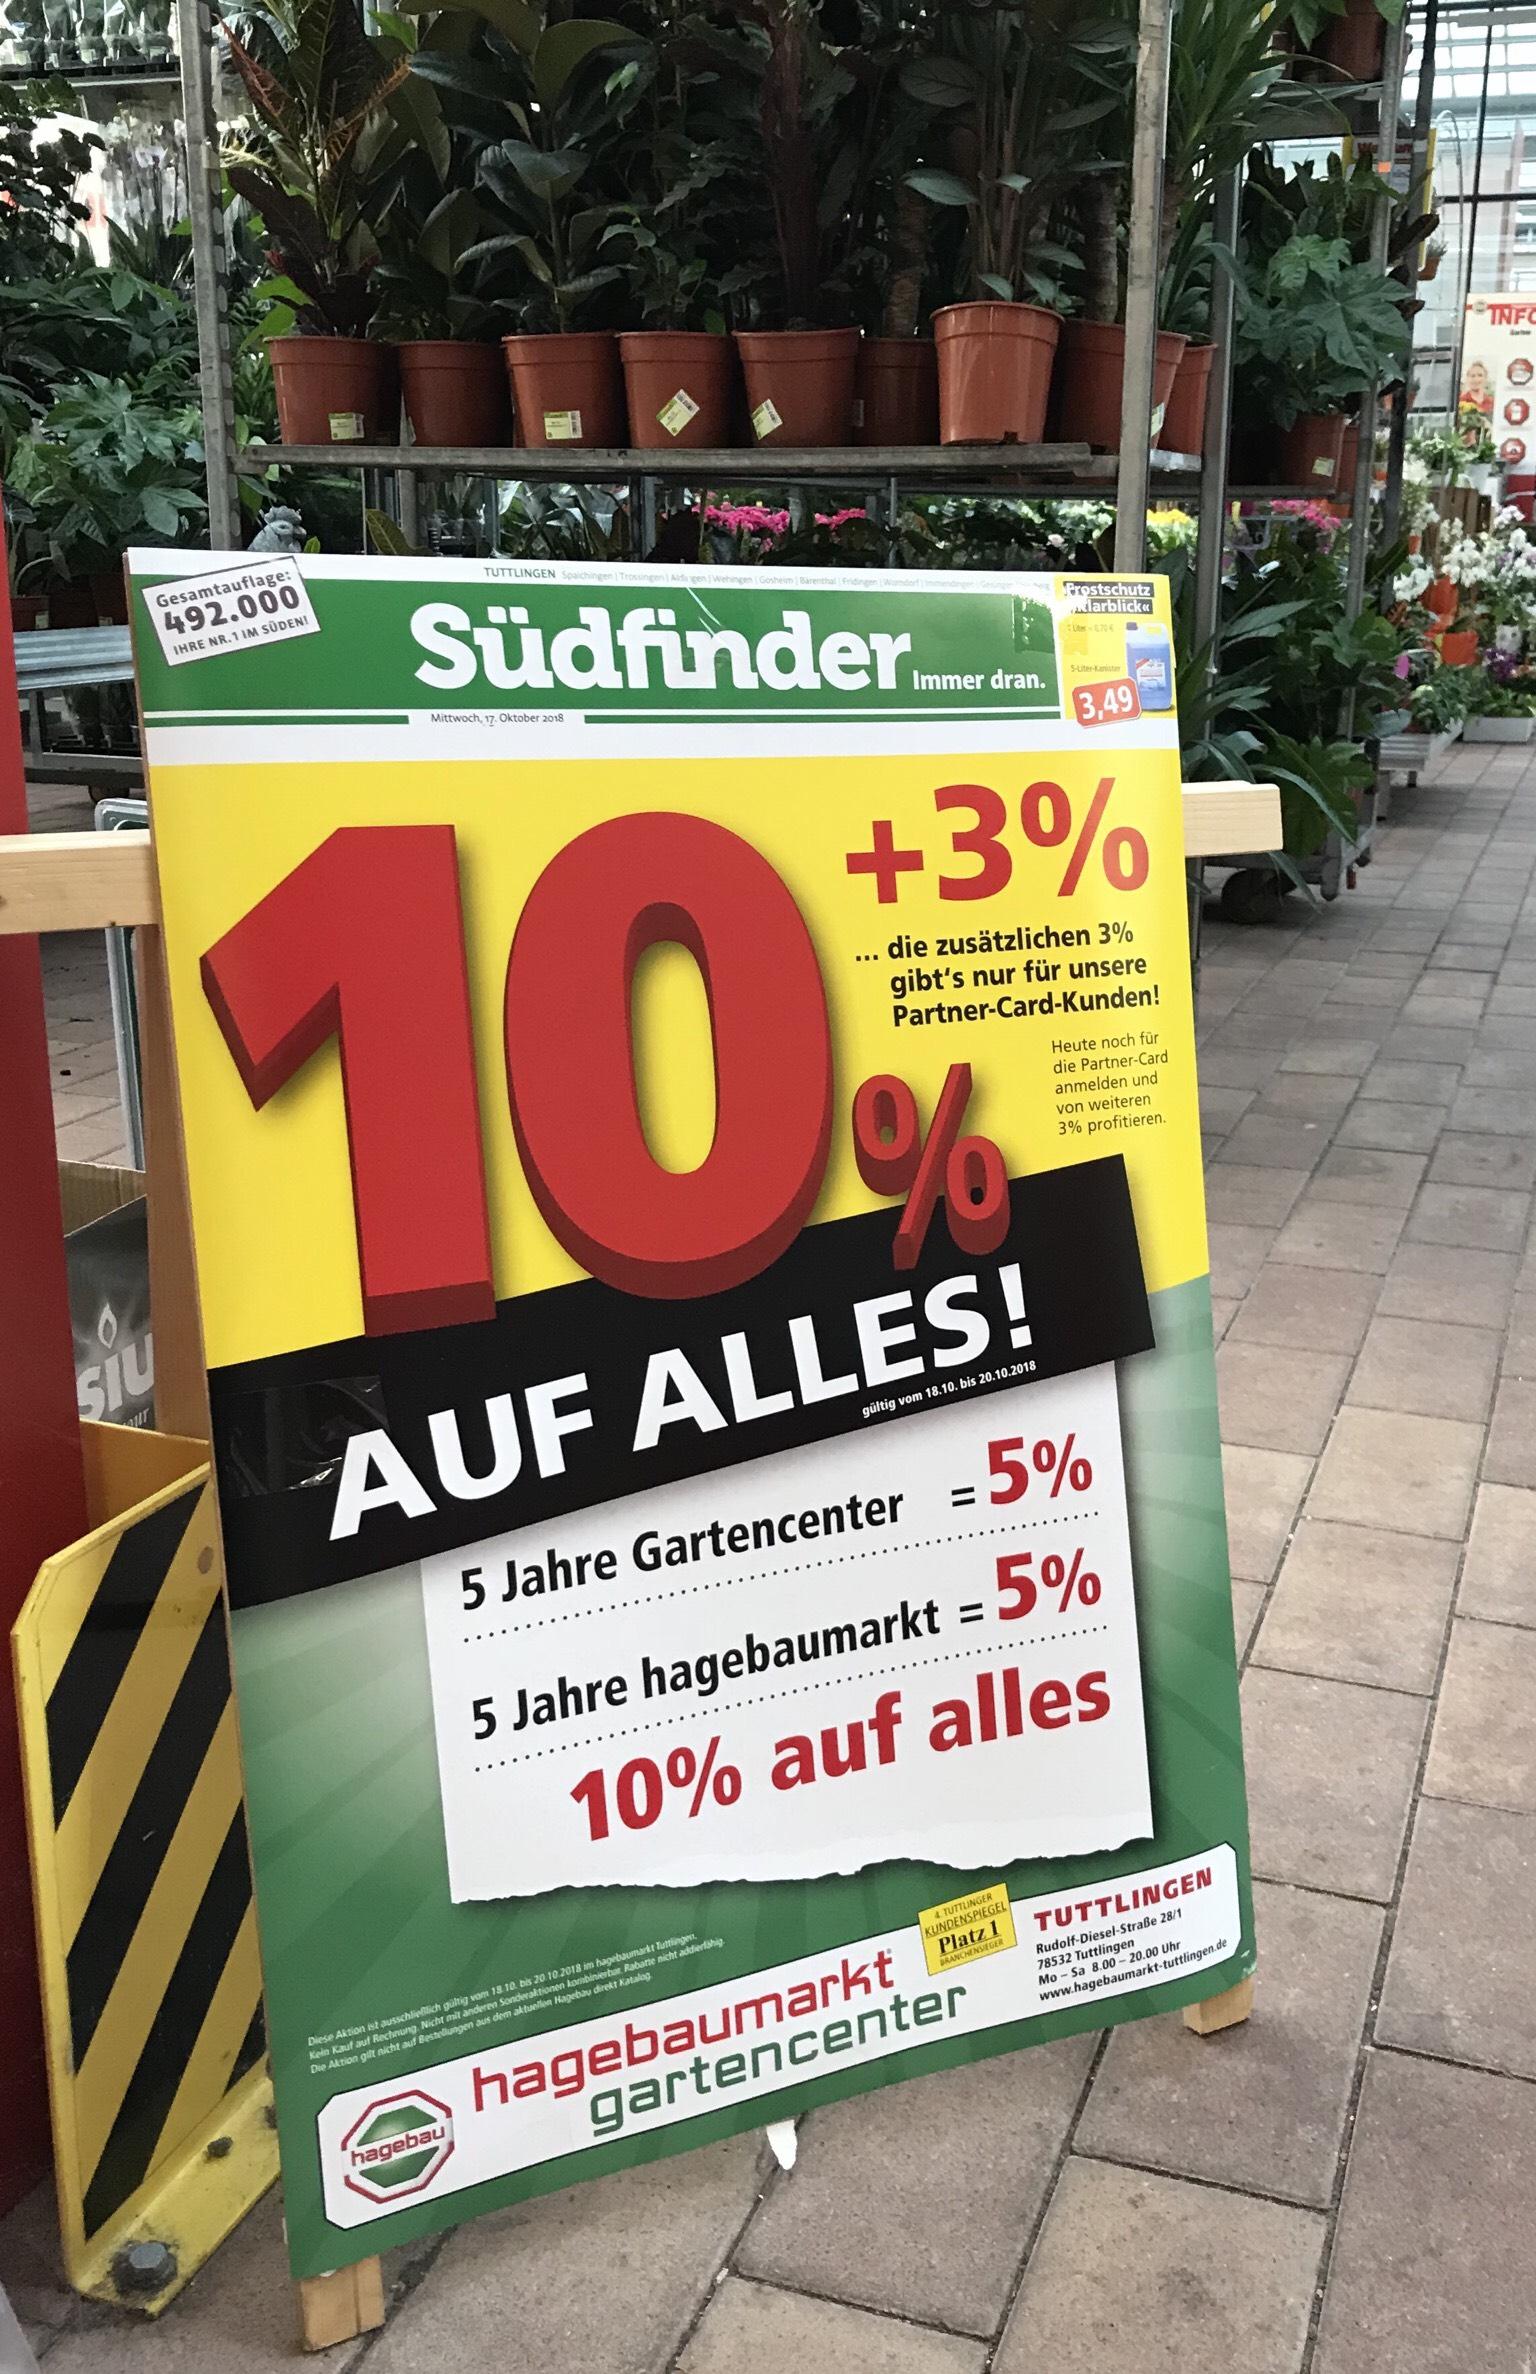 Lokal in Tuttlingen beim Hagebau -10% ( mit Kundenkarte sogar -13%)